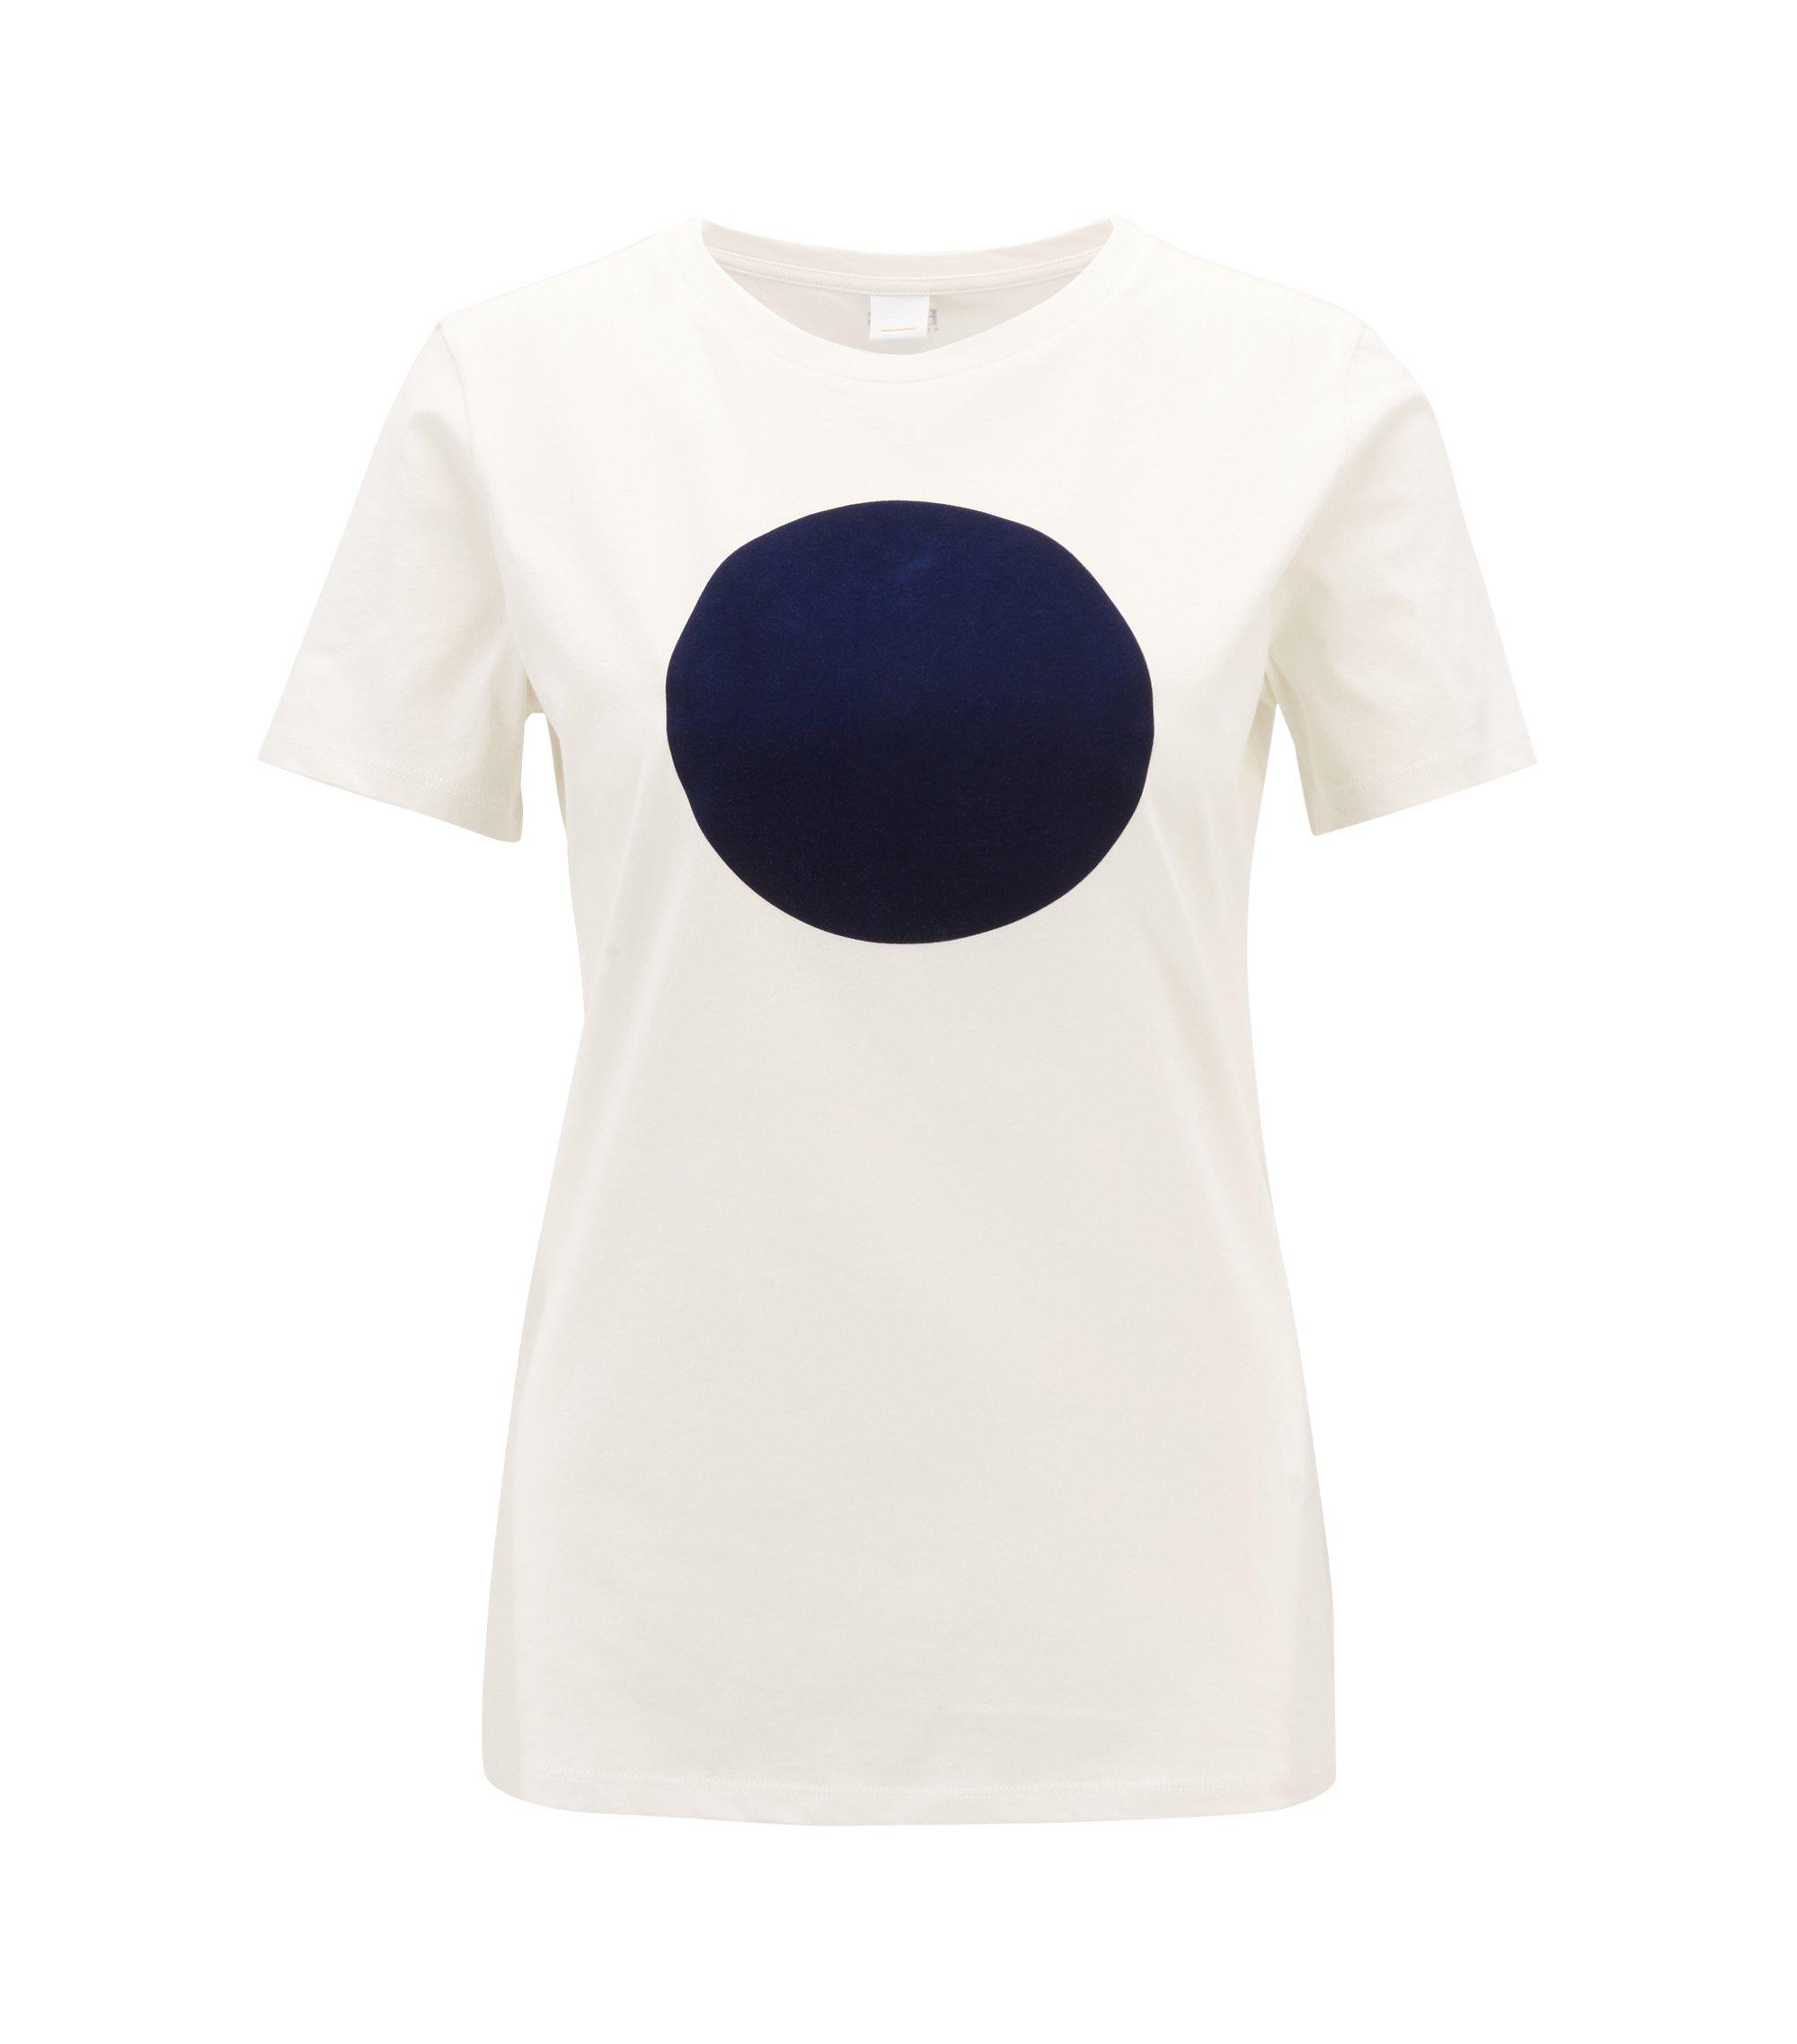 T-shirt in jersey di cotone lavato con punto stampato a rilievo, Naturale